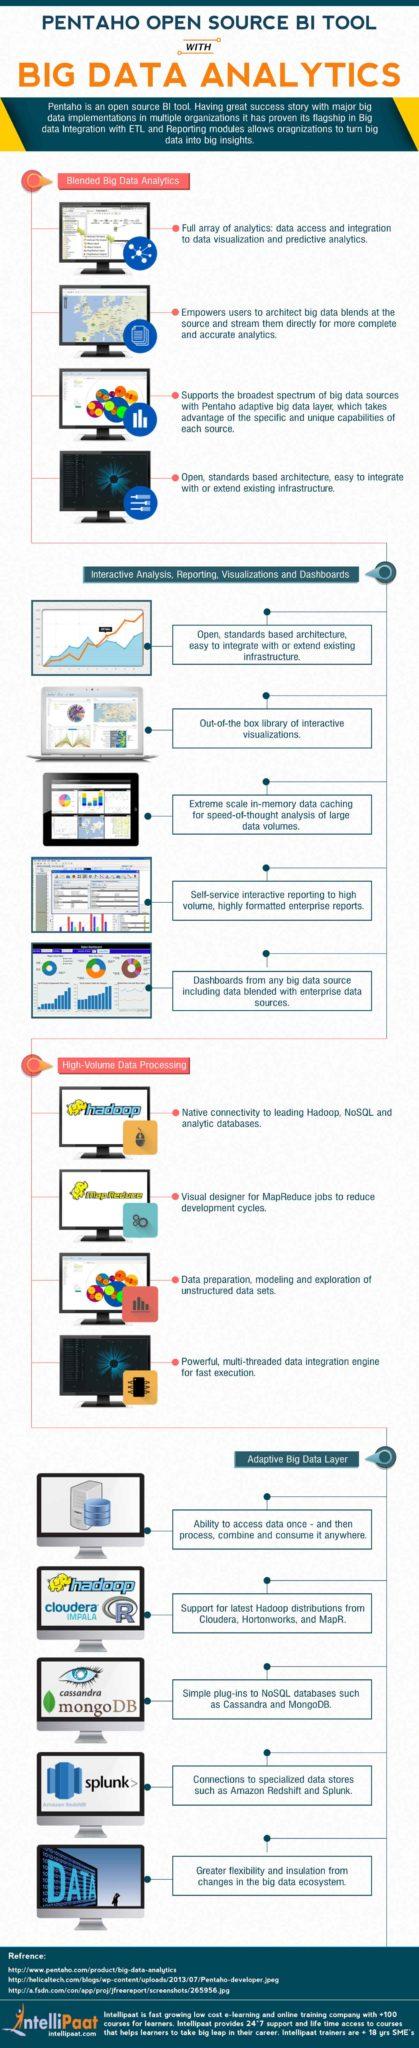 pentaho infographic